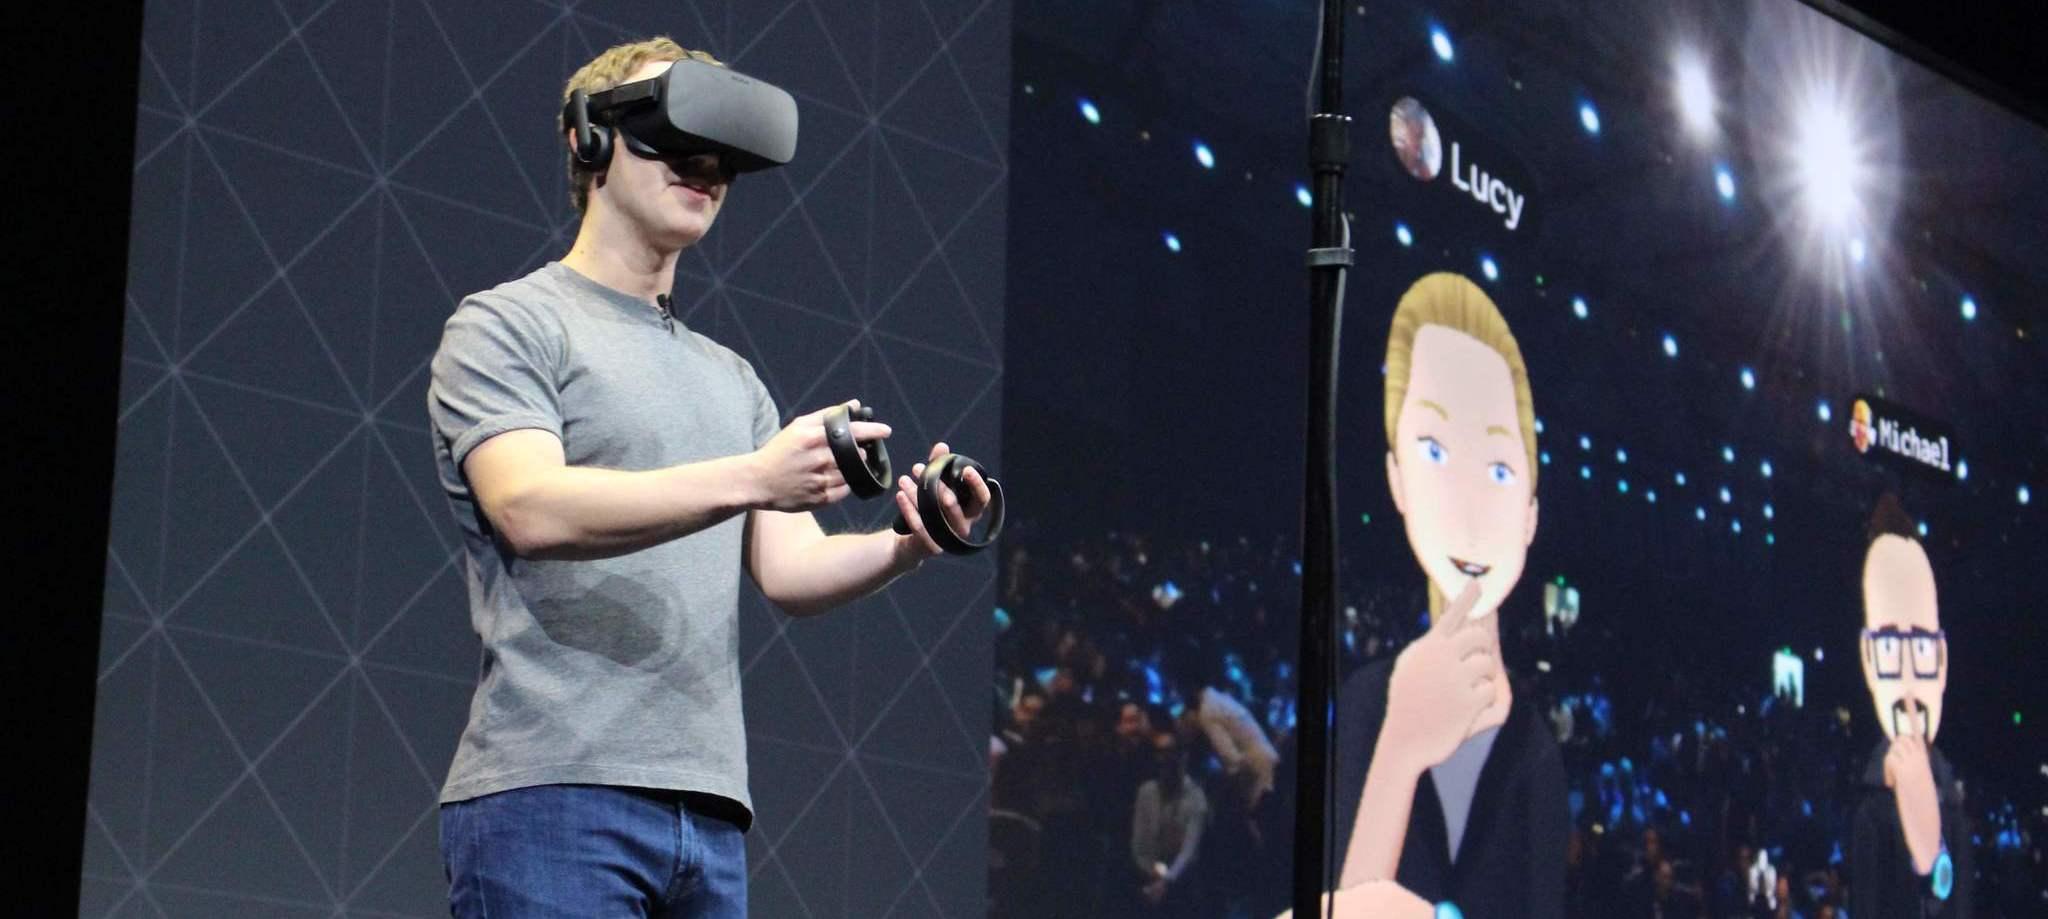 Facebook bị tuyên phạt nửa tỷ USD vì Oculus đánh cắp công nghệ phát triển kính VR